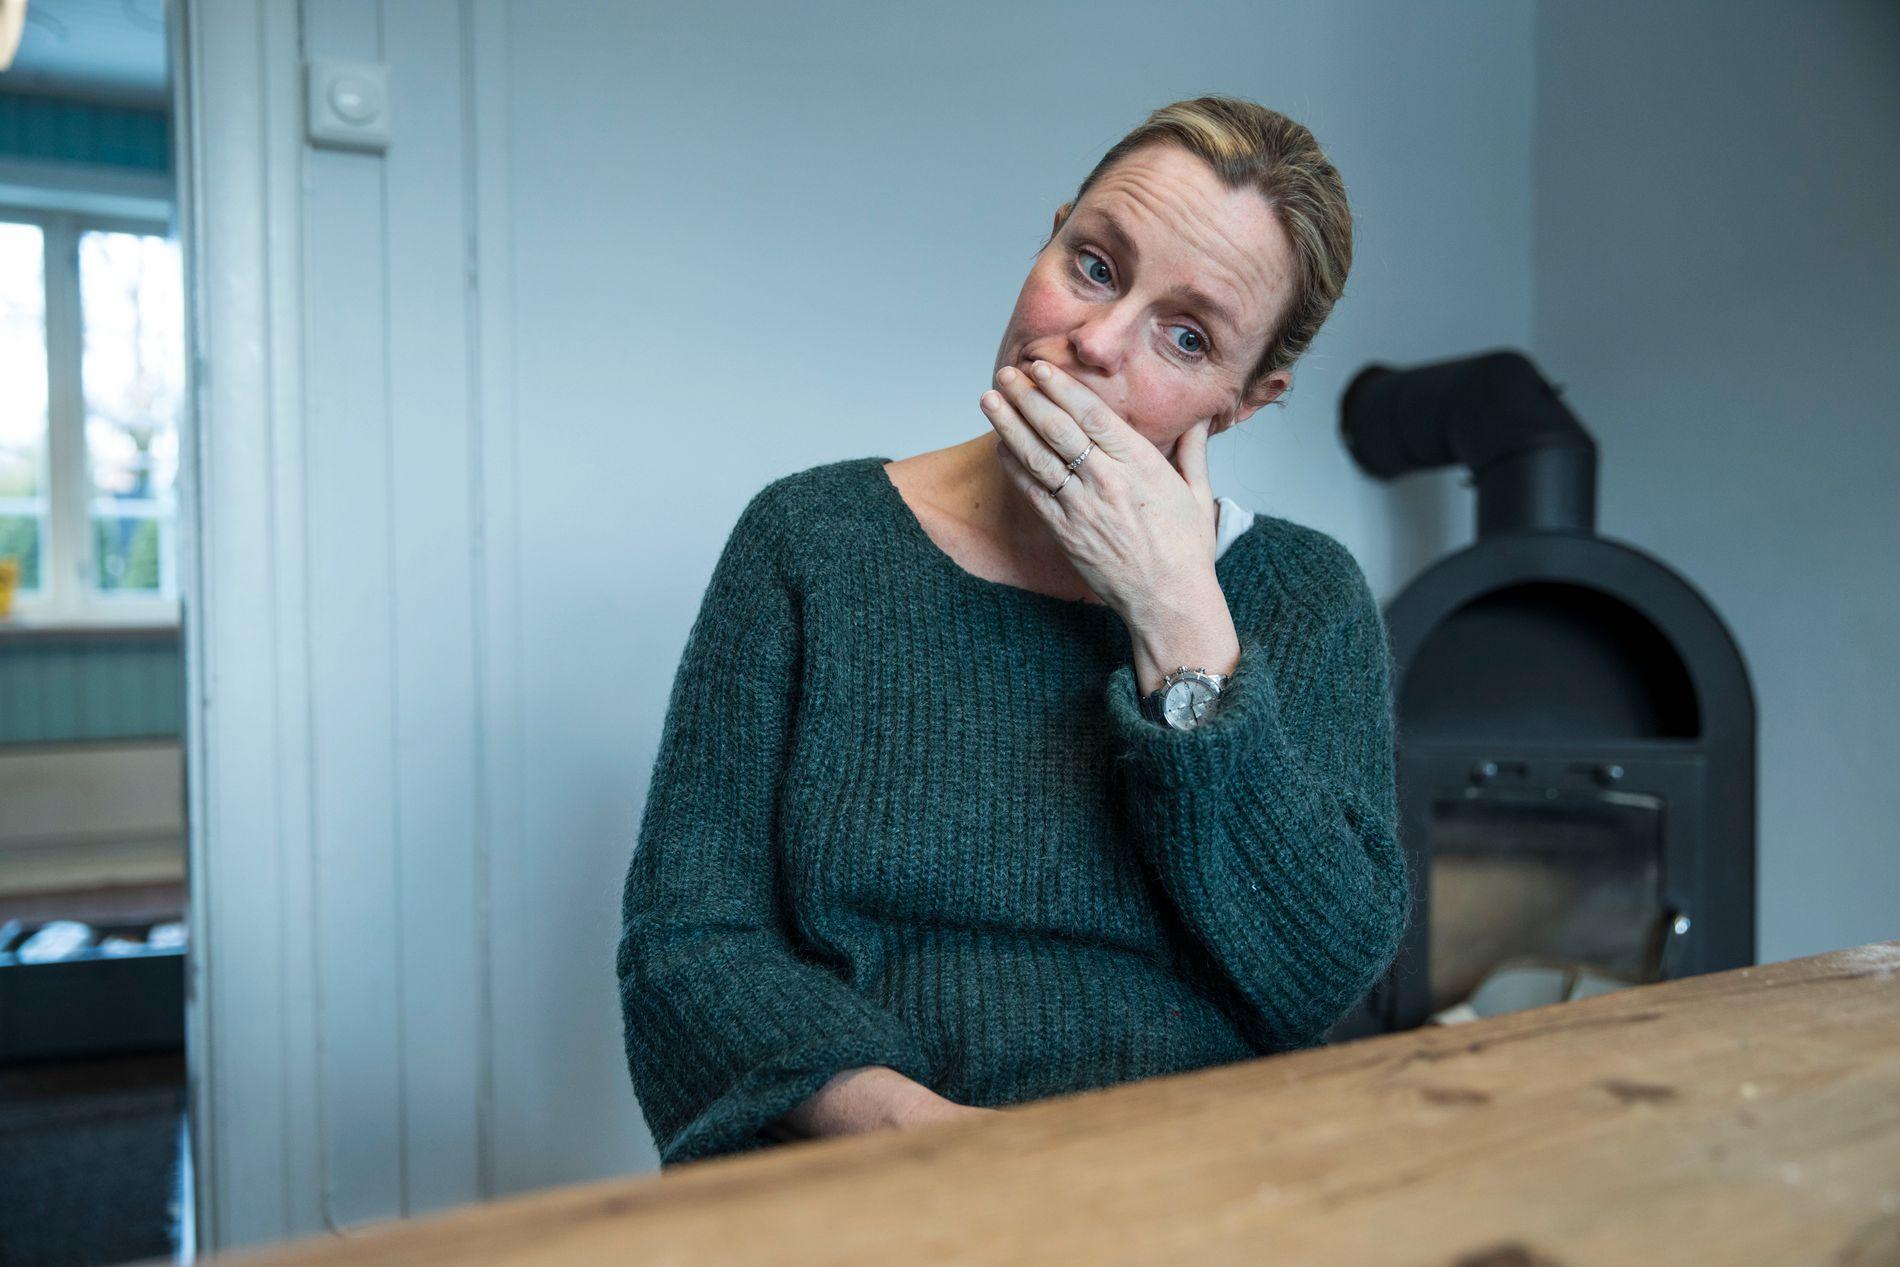 NY SERIE: Solveig Kloppen er aktuell med serien «Det jeg ikke fikk sagt» på TV 2. Til A-Magasinet forteller hun om hvordan livet hennes endret seg brått midt under innspillingen.